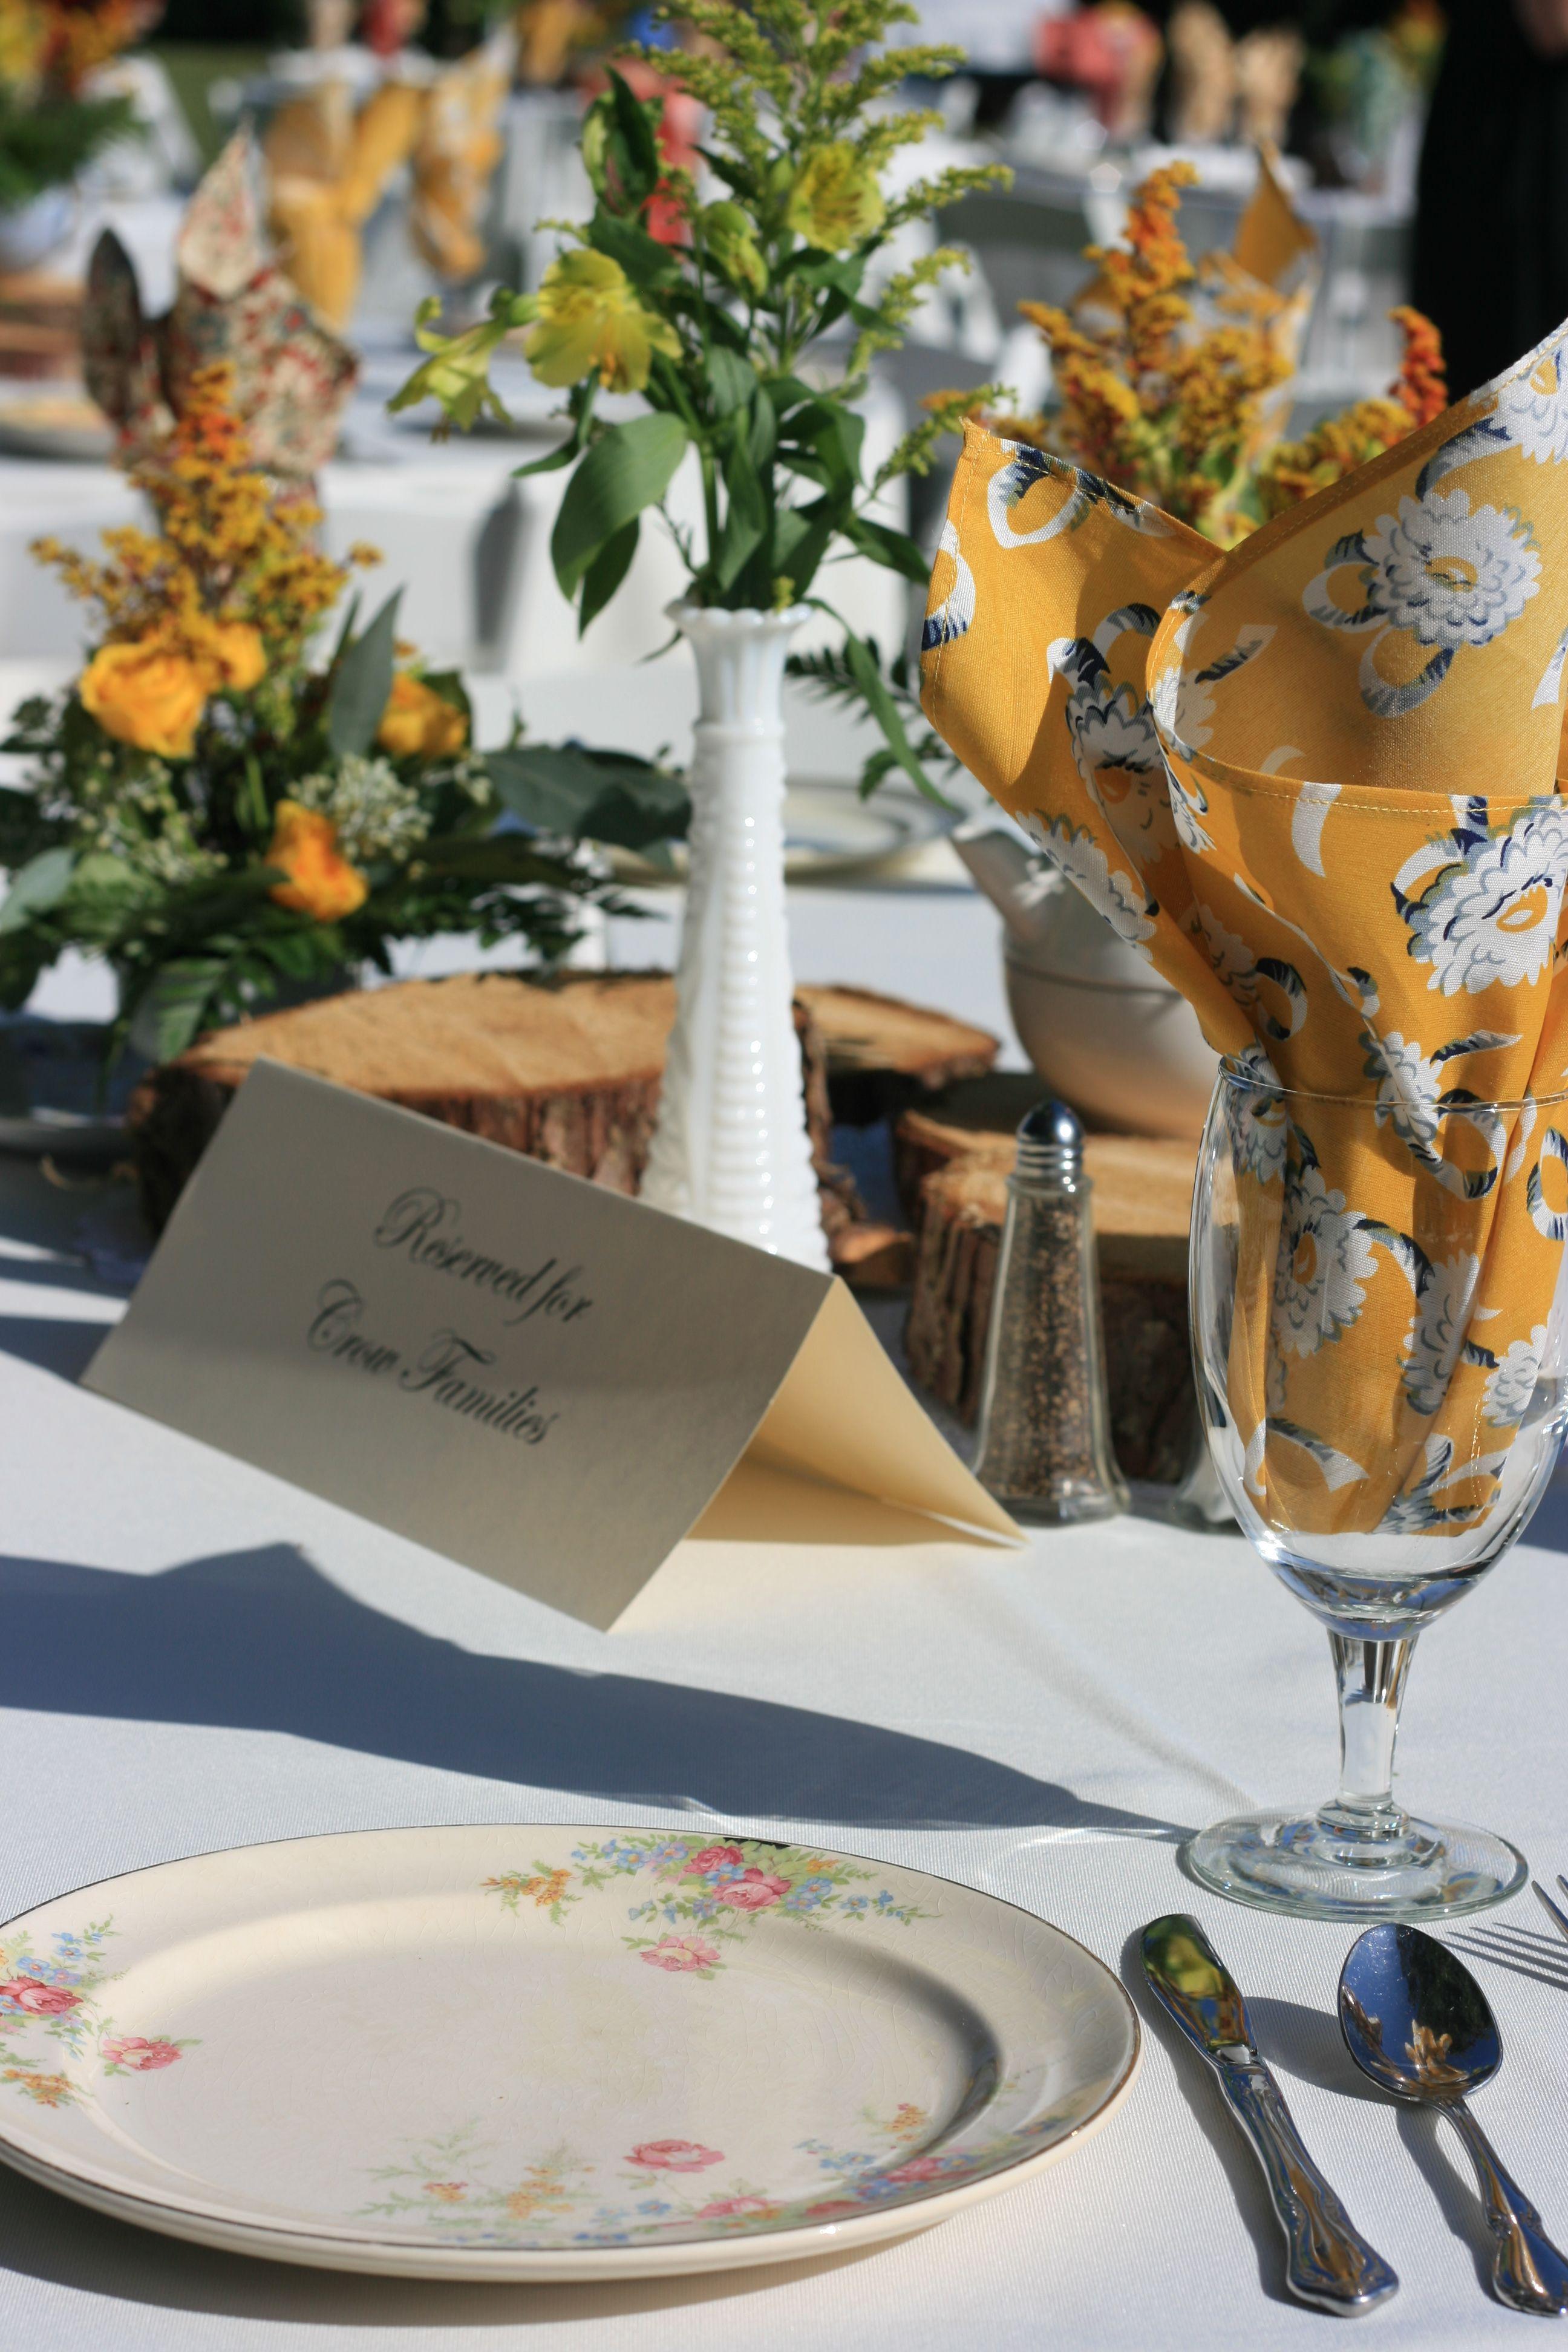 Brunch, Emily's Vintage Wedding, vintage milk glass, vintage china, vintage wedding rentals